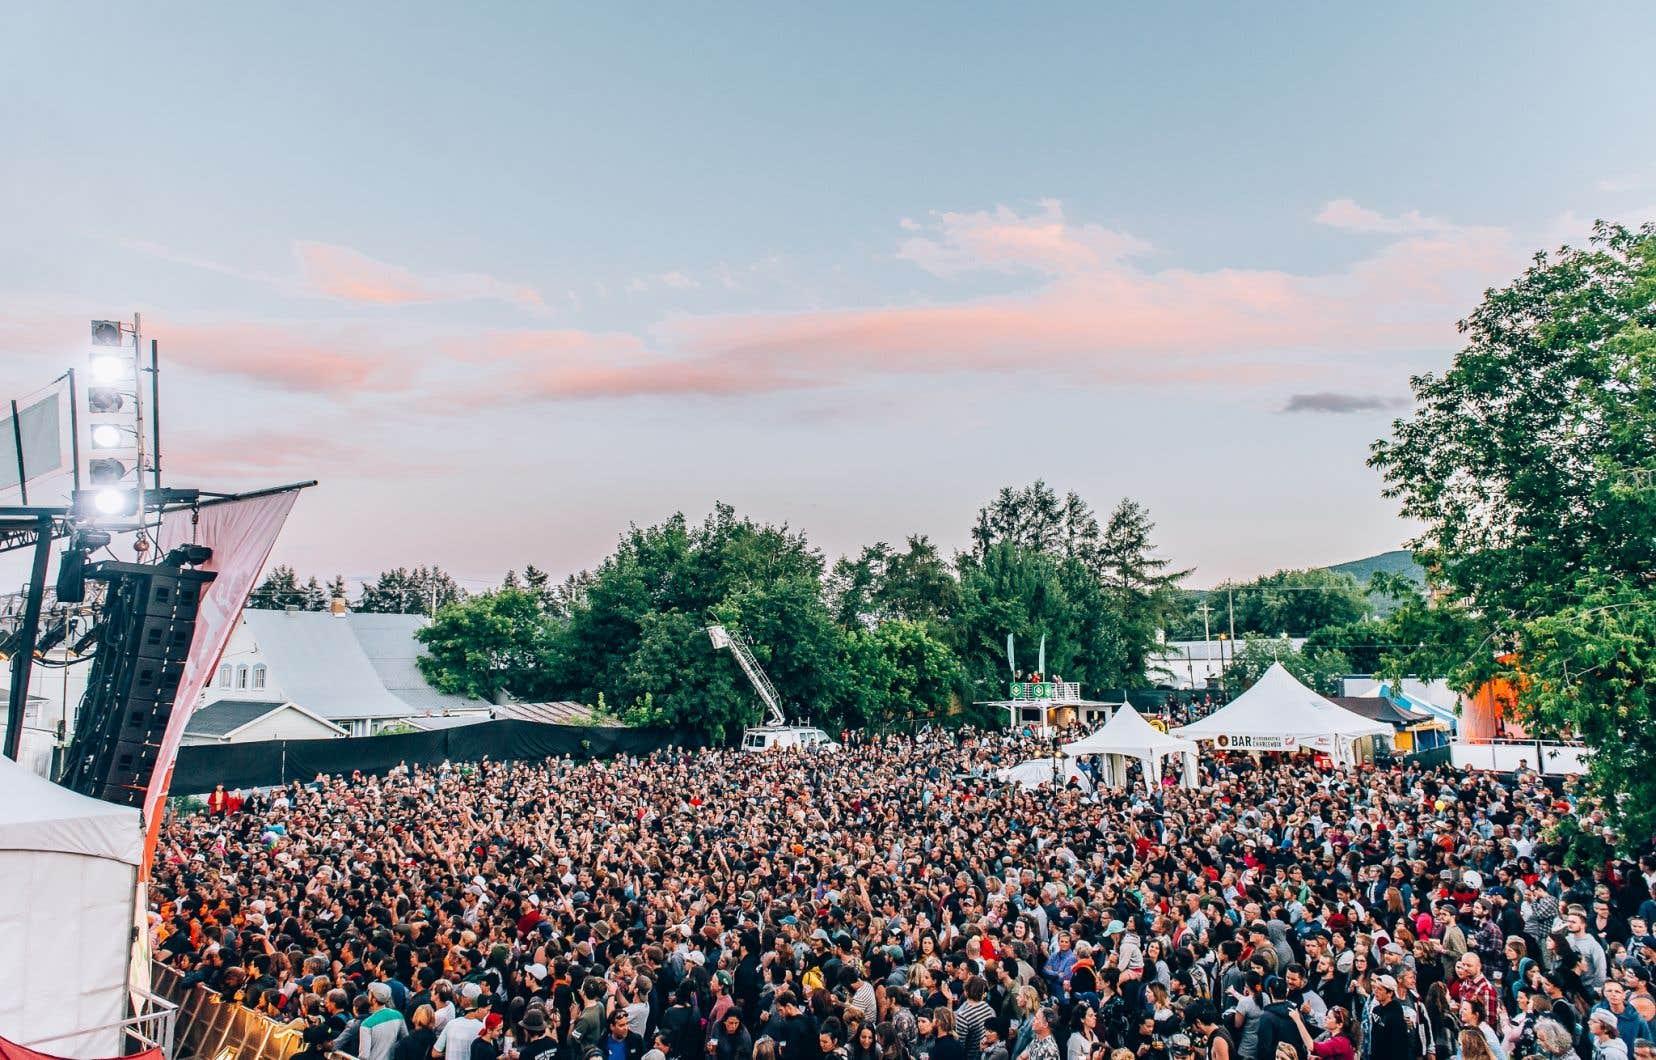 Le Festif de Baie-Saint-Paul envisage de faire grimper la foule de certains spectacles de 250 à 350 personnes. Sur la photo, une foule réunie pour un spectacle lors de l'édition 2017 du festival.